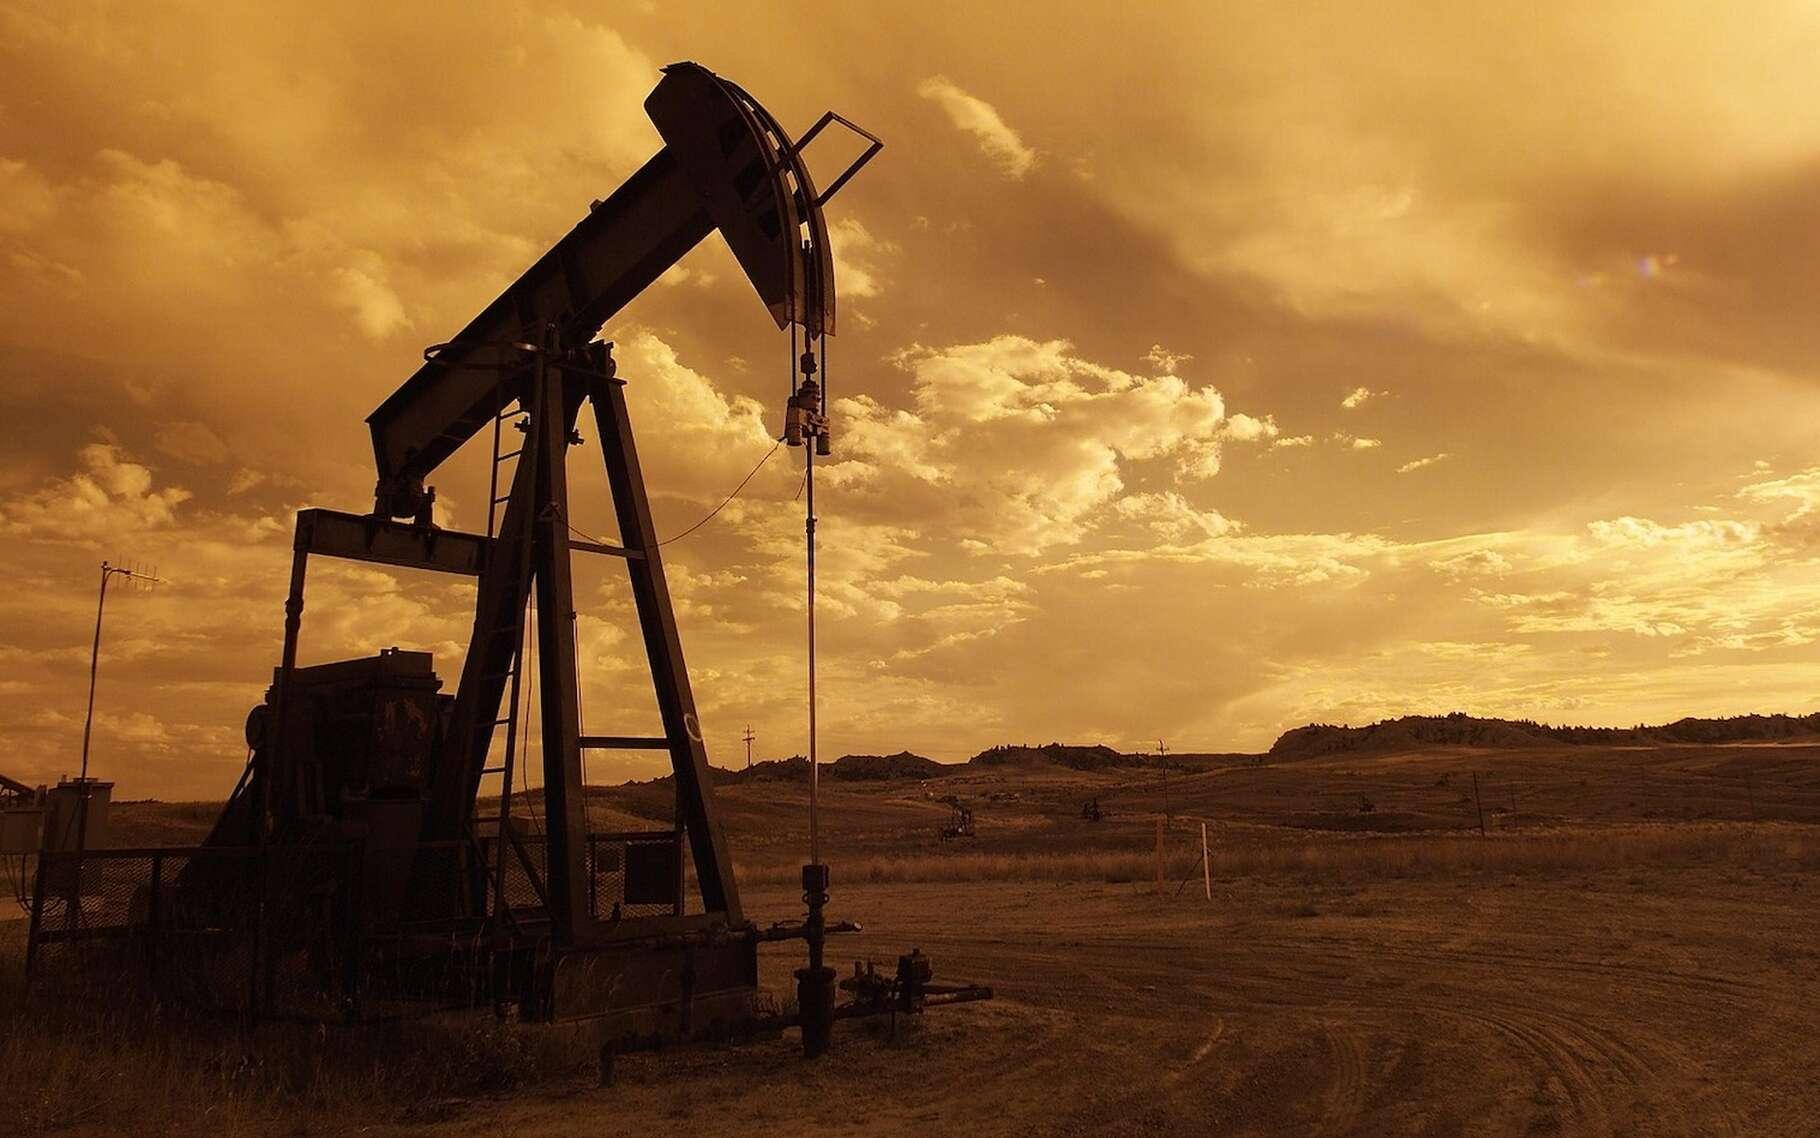 Depuis les années 1920, les spécialistes abordent la question du pic pétrolier. Aujourd'hui, l'Agence internationale de l'énergie estime qu'il aura lieu en 2025, sauf si la production de pétrole de schiste explose. © skeeze, Pixabay License